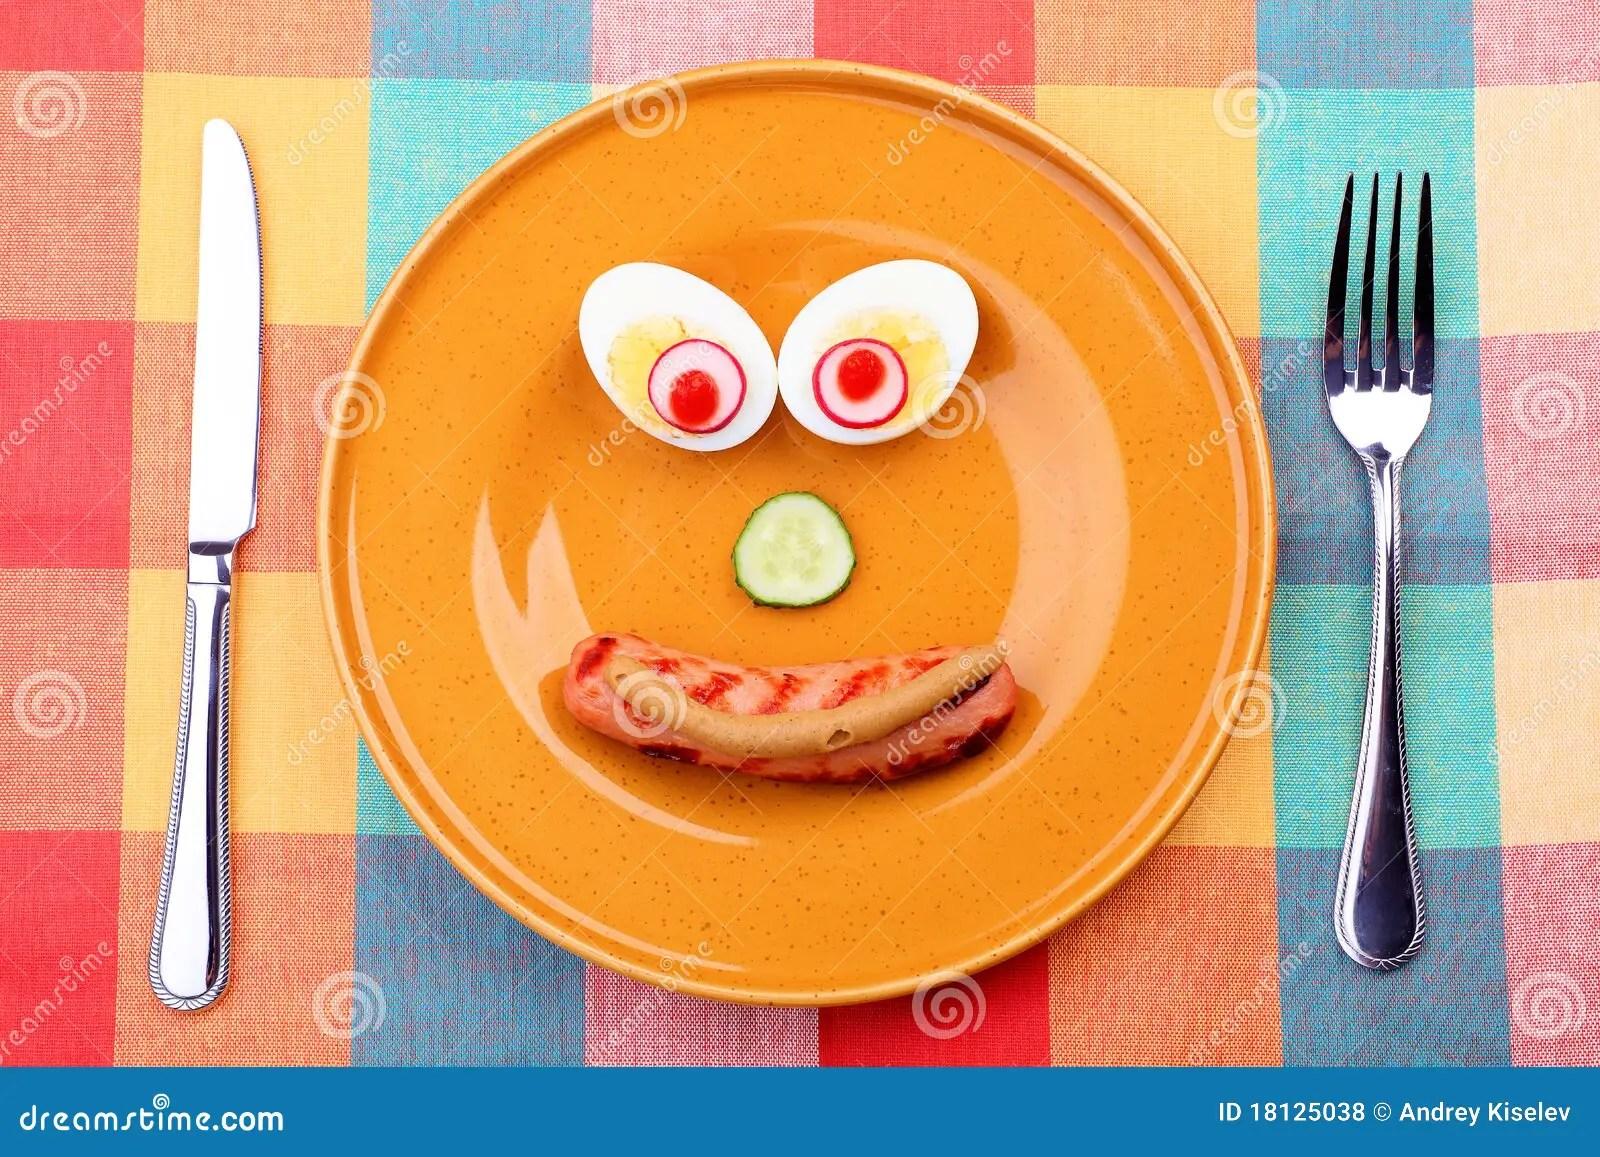 Comida feliz foto de archivo Imagen de concepto cena